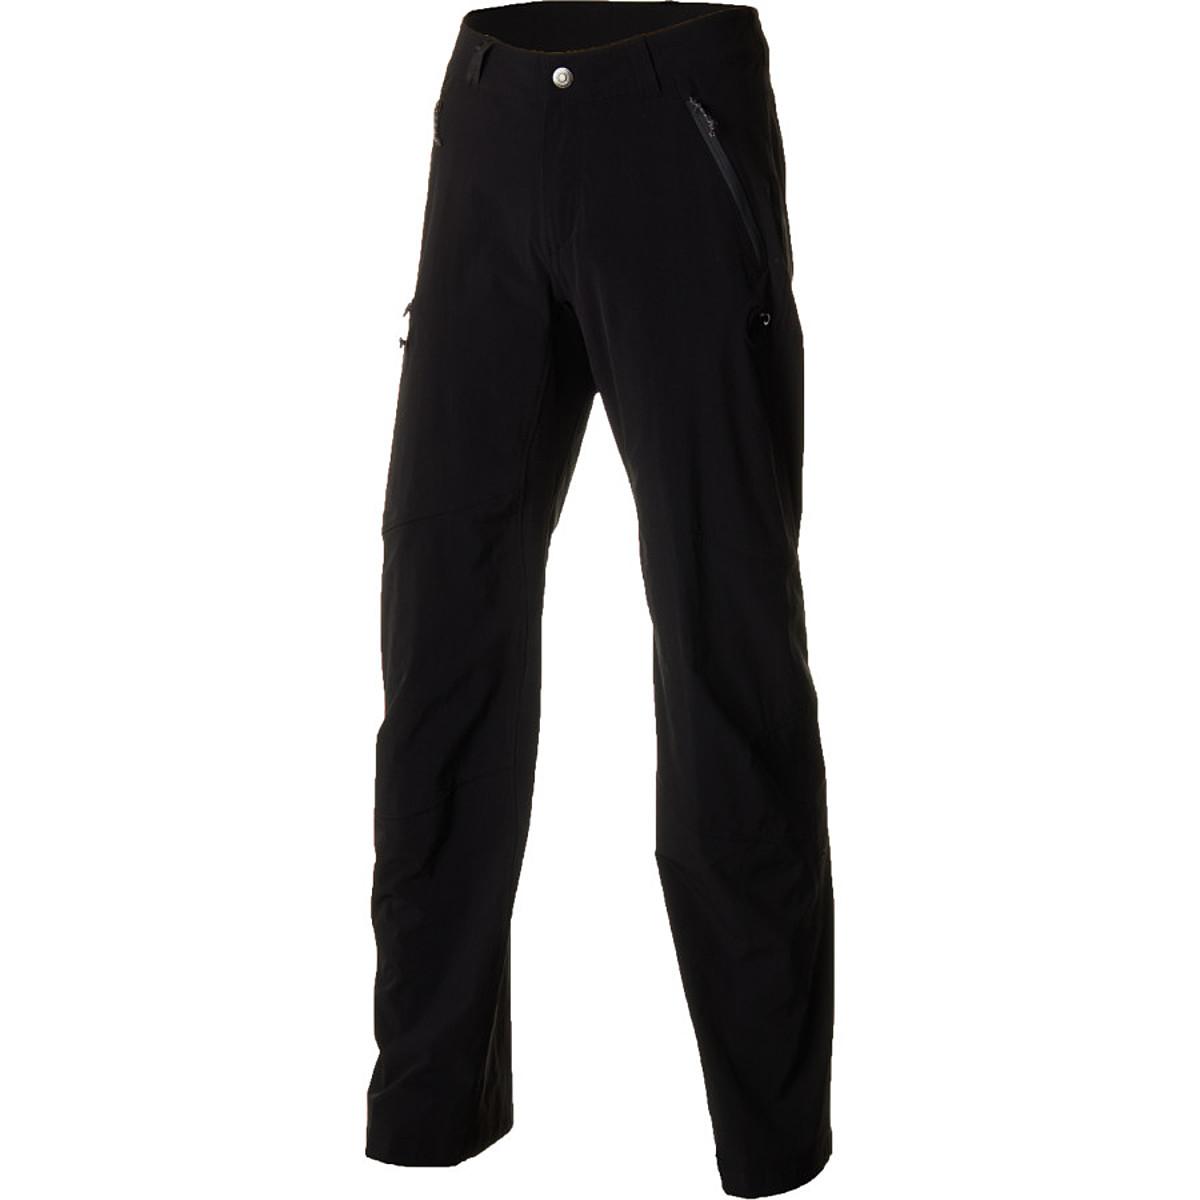 Mammut Runbold Pants